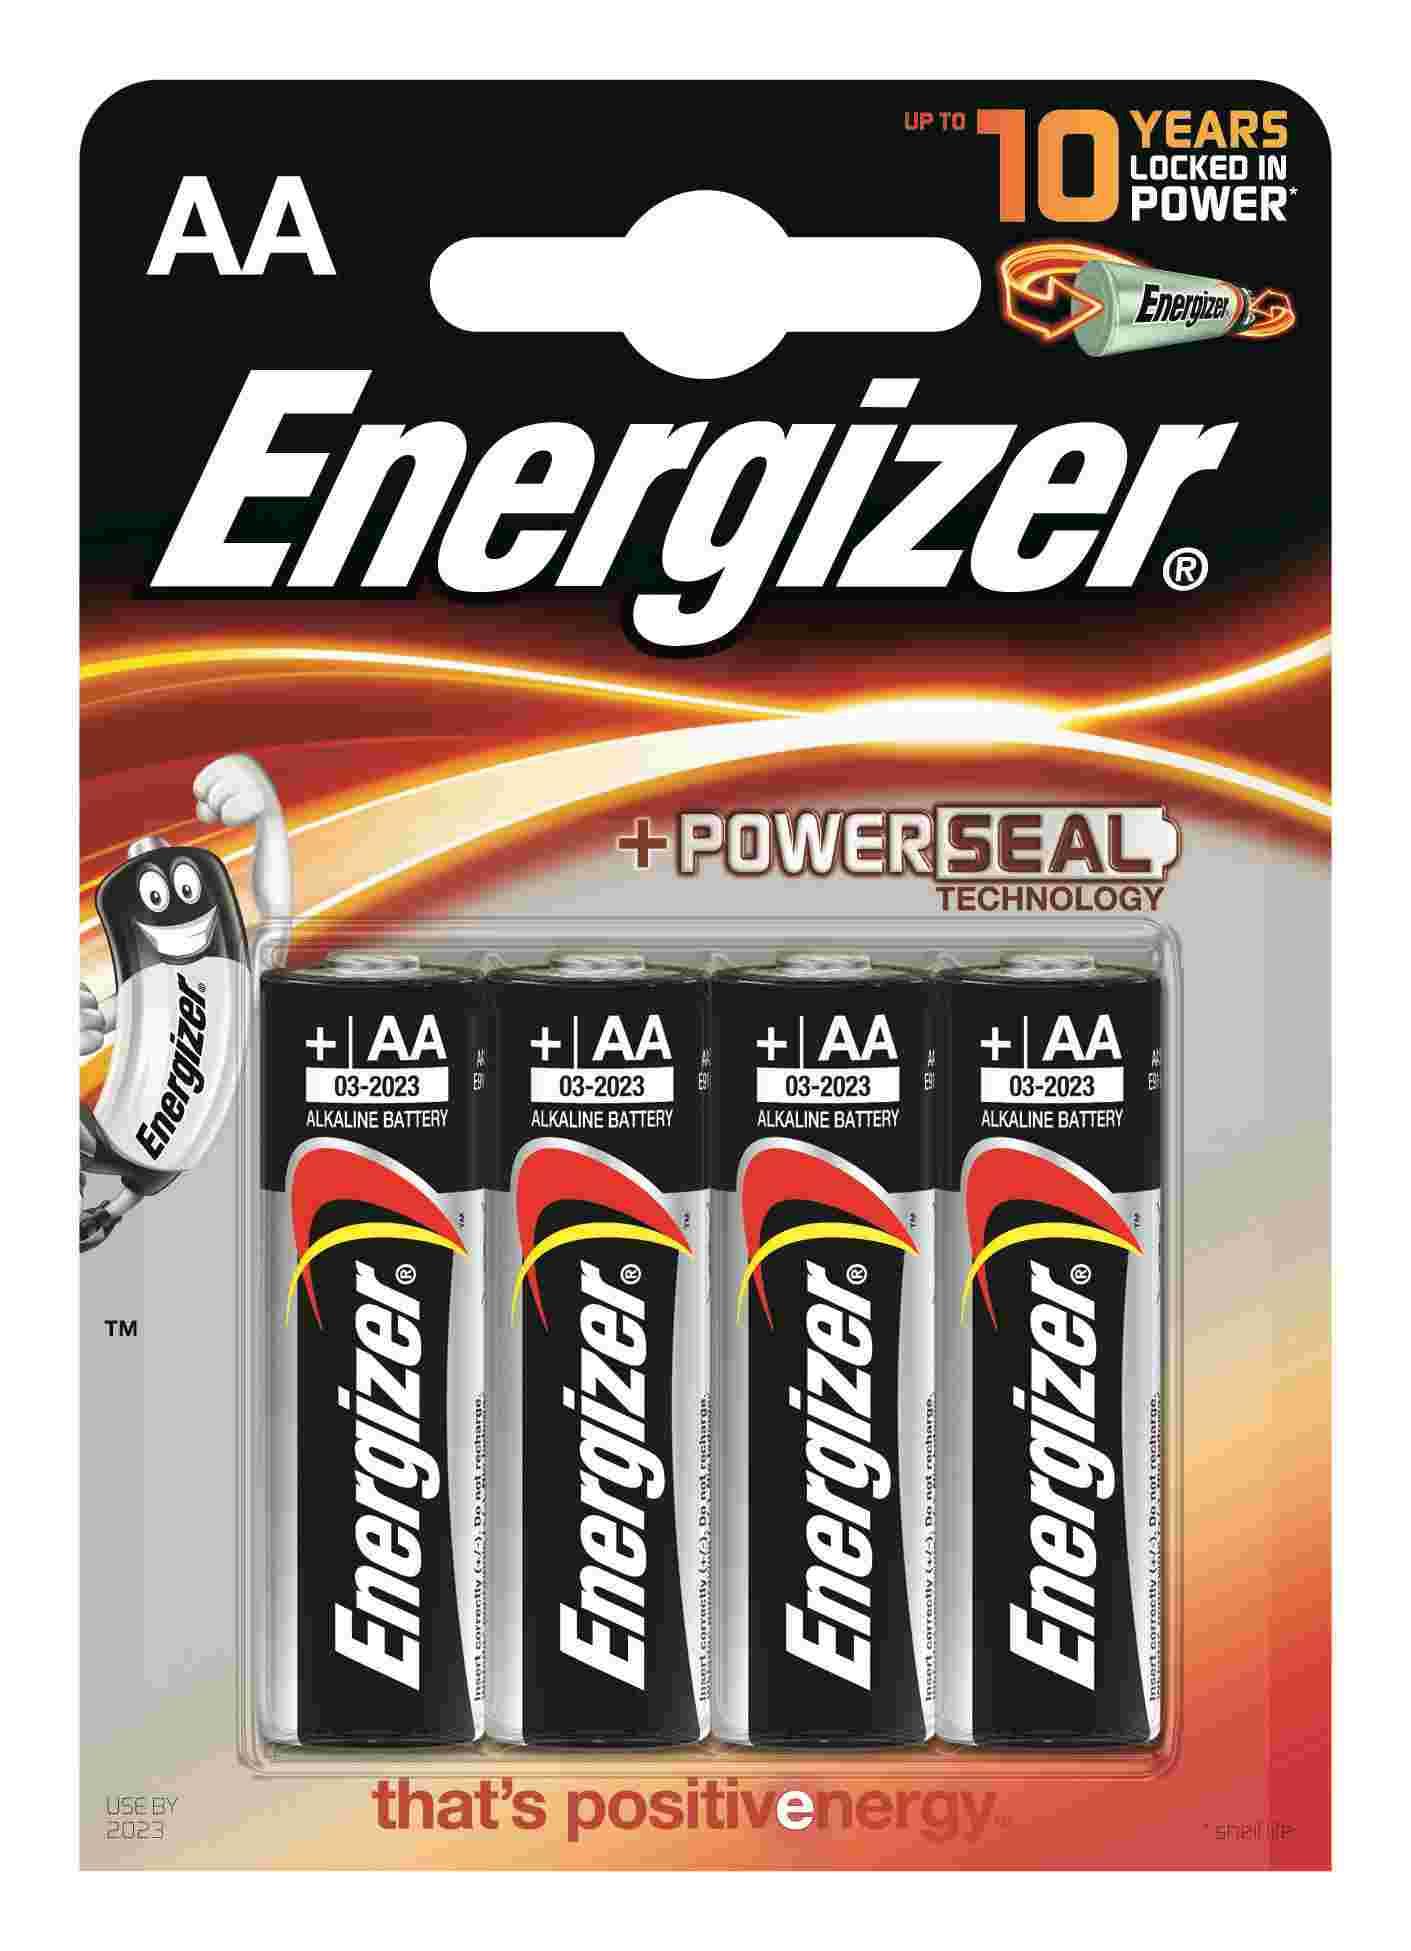 baterie z gwarancją 10 lat mocy